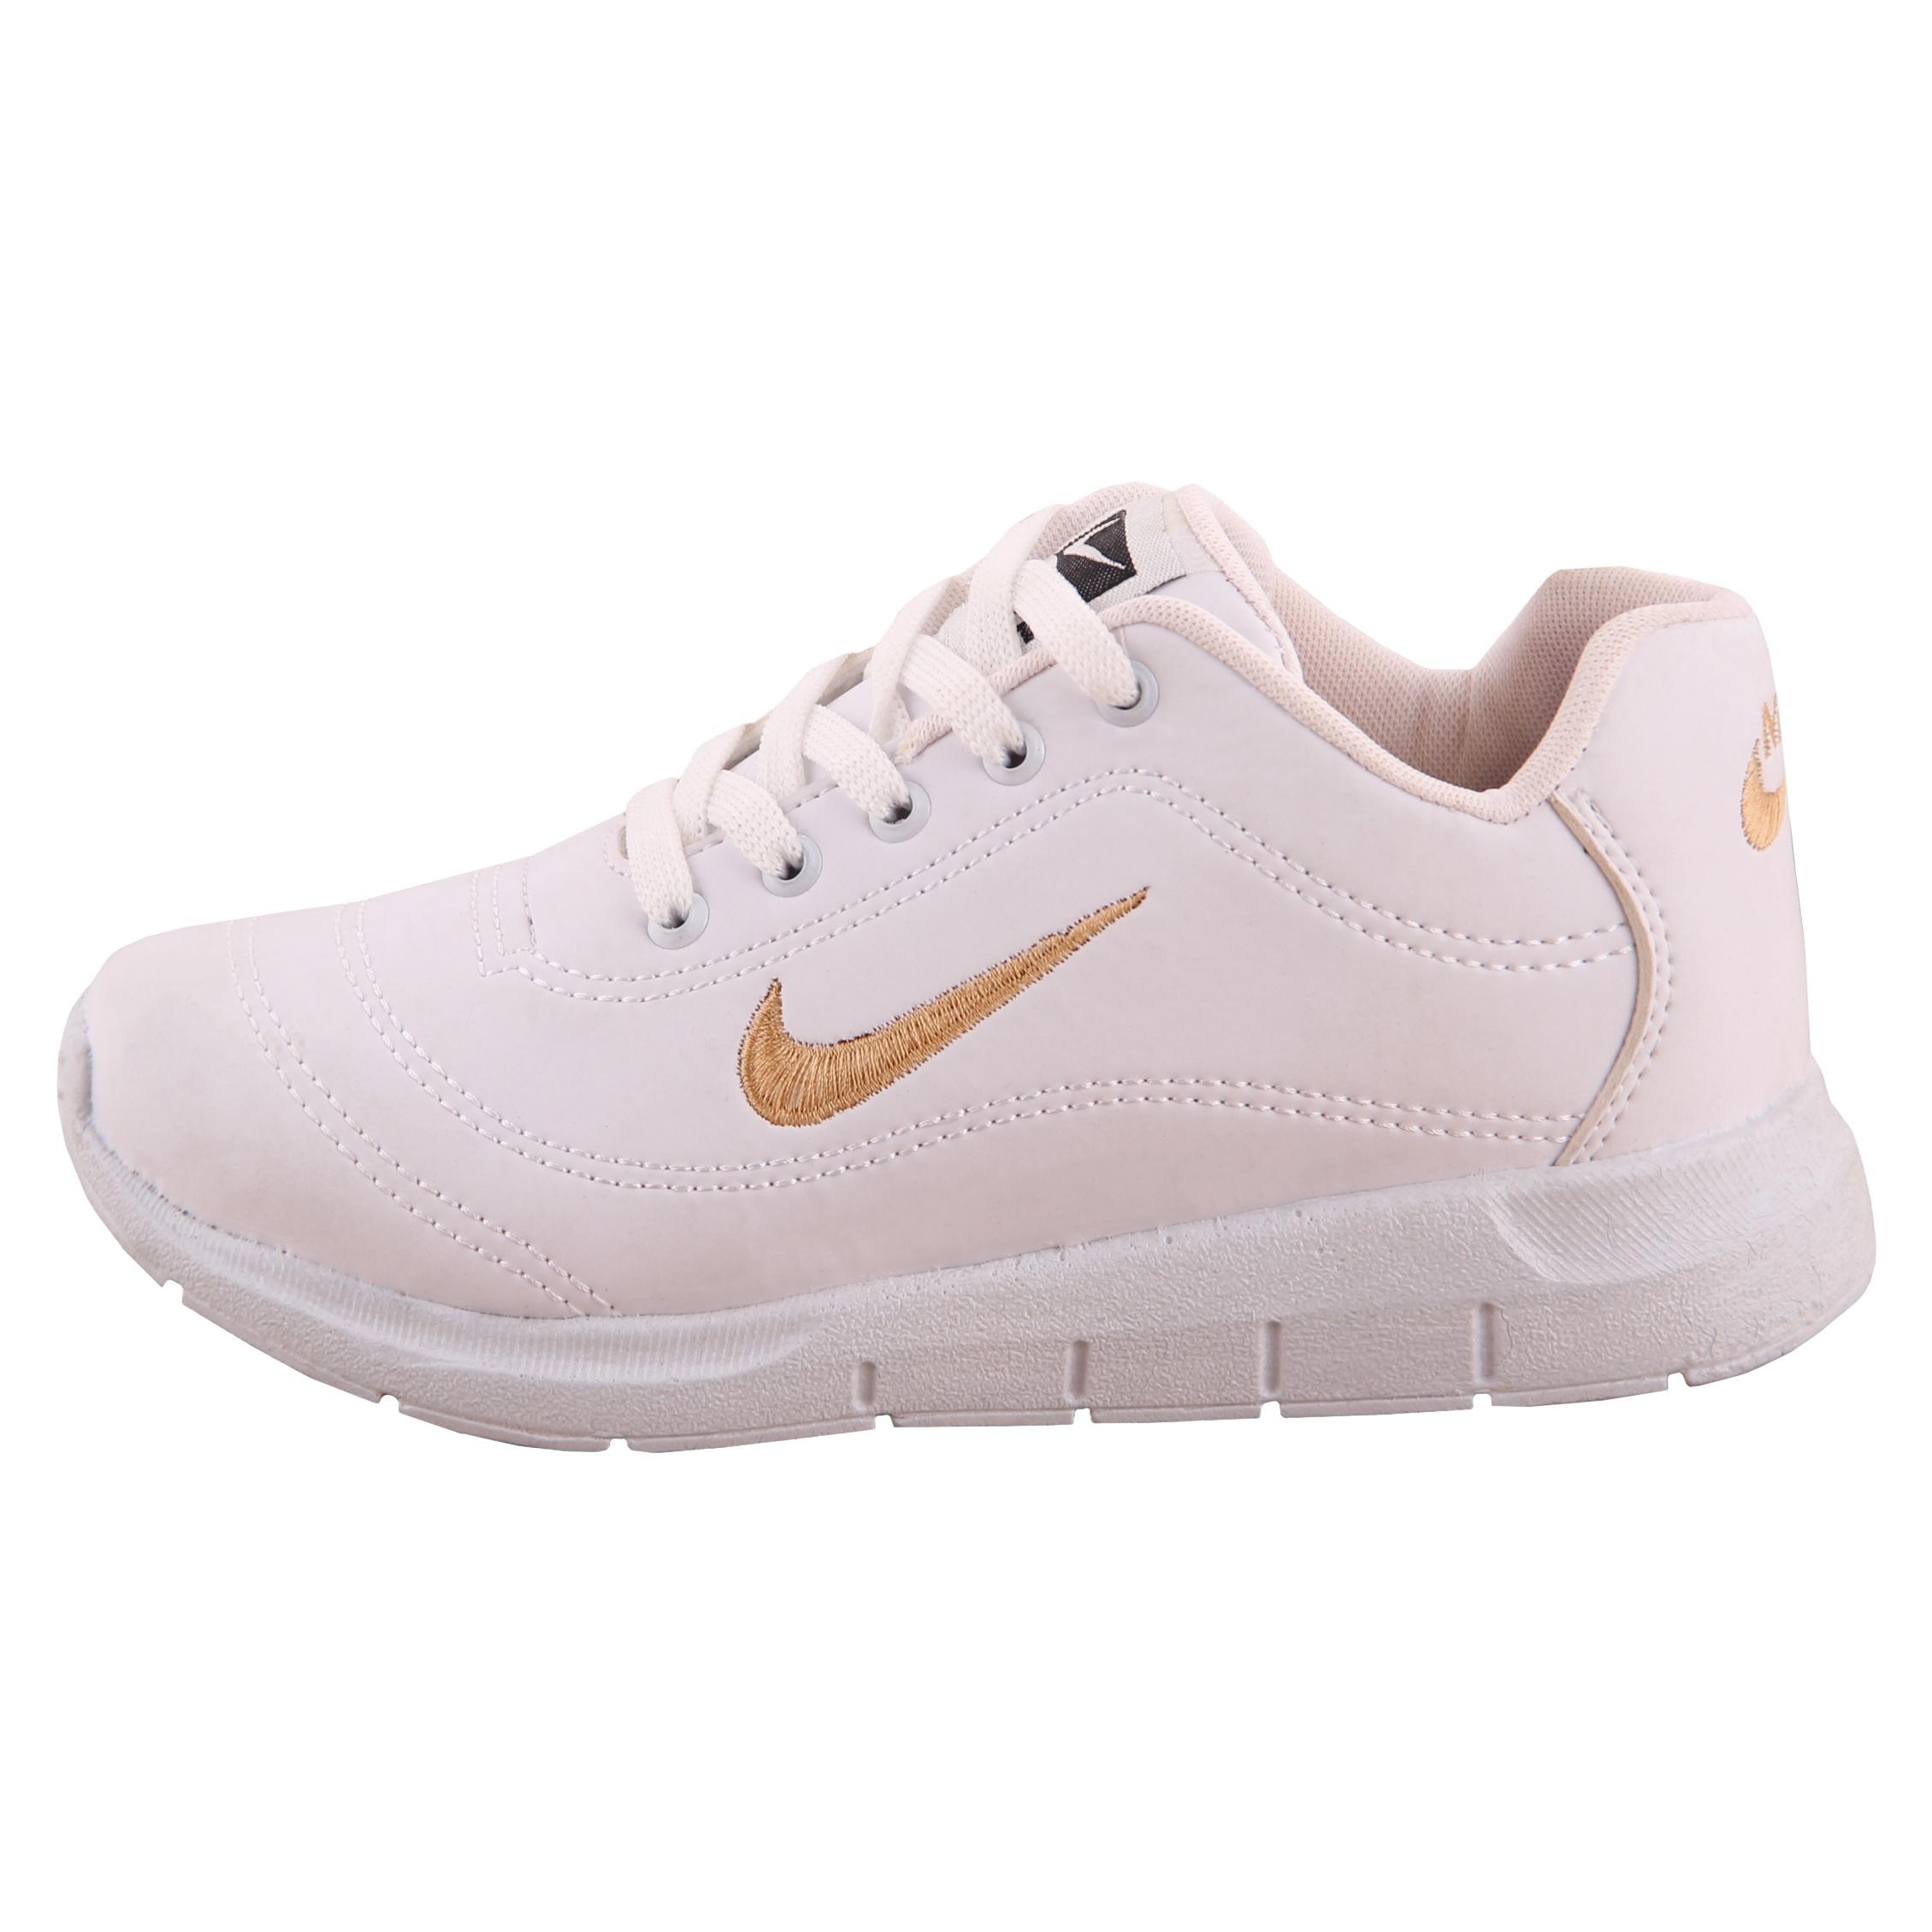 کفش مخصوص پیاده روی زنانه کد 4-2397900